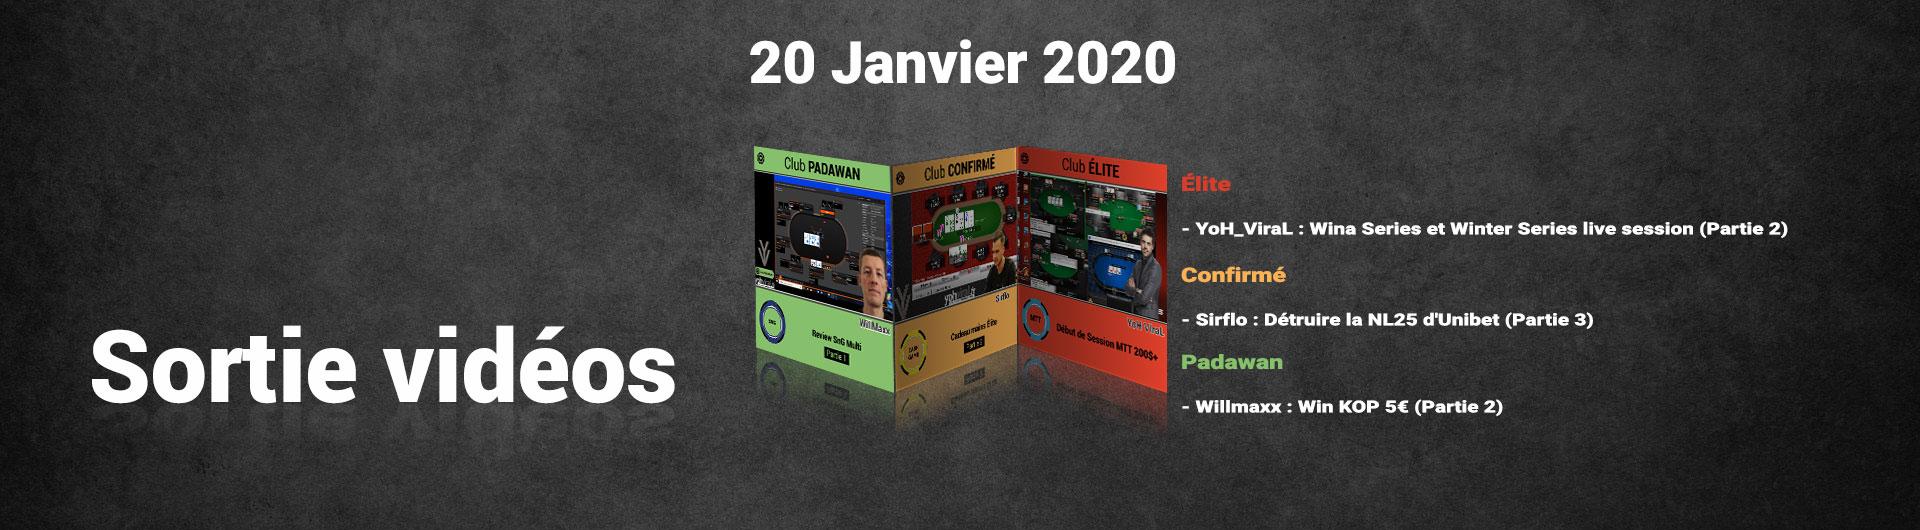 Image de couverture de l'article Un cadeau pour une nouvelle ère sur Yohviral.fr